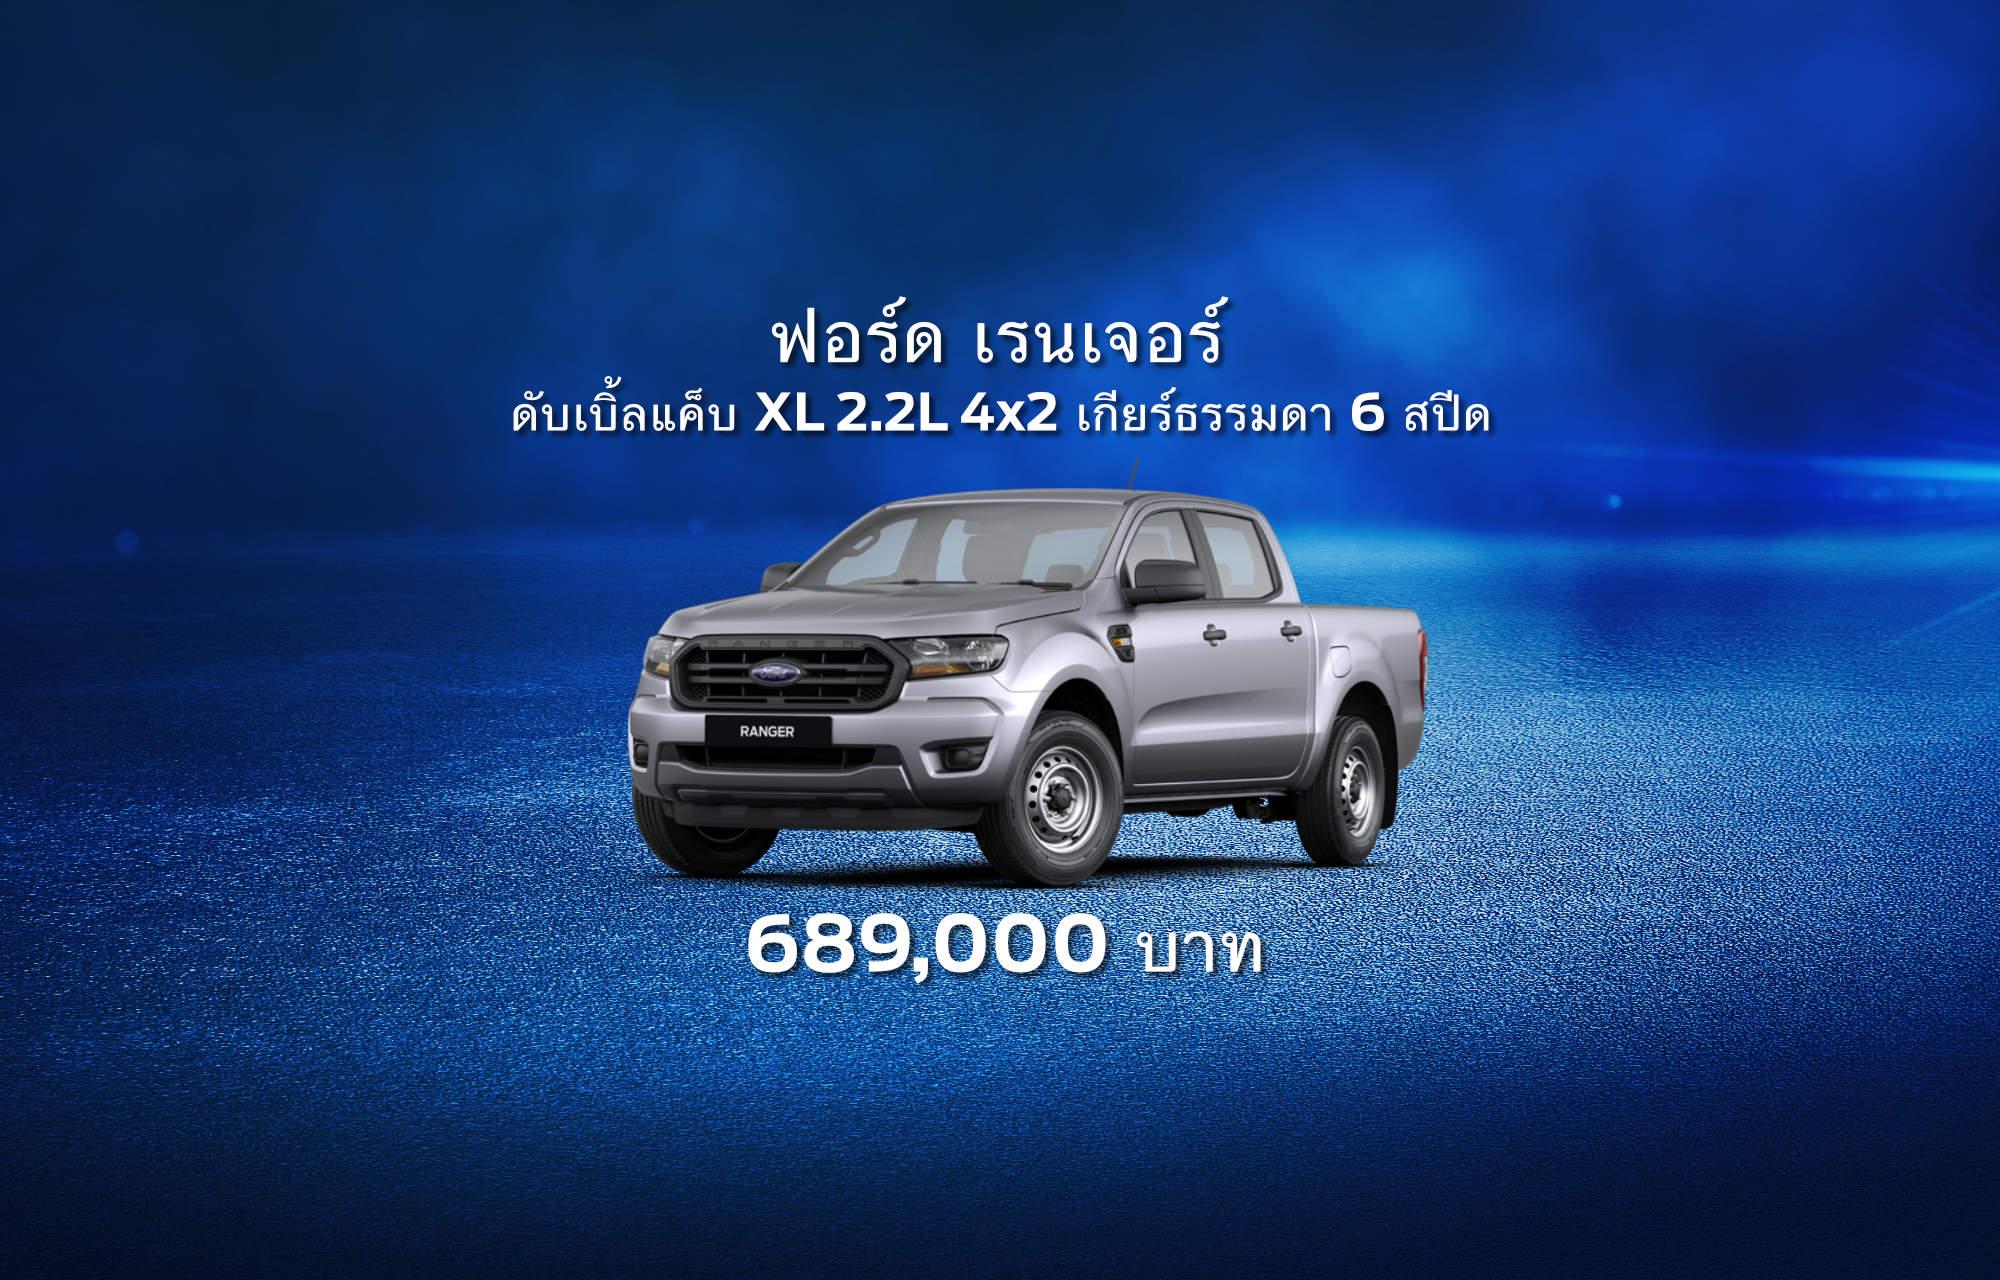 Ford Ranger DBL Cab XL